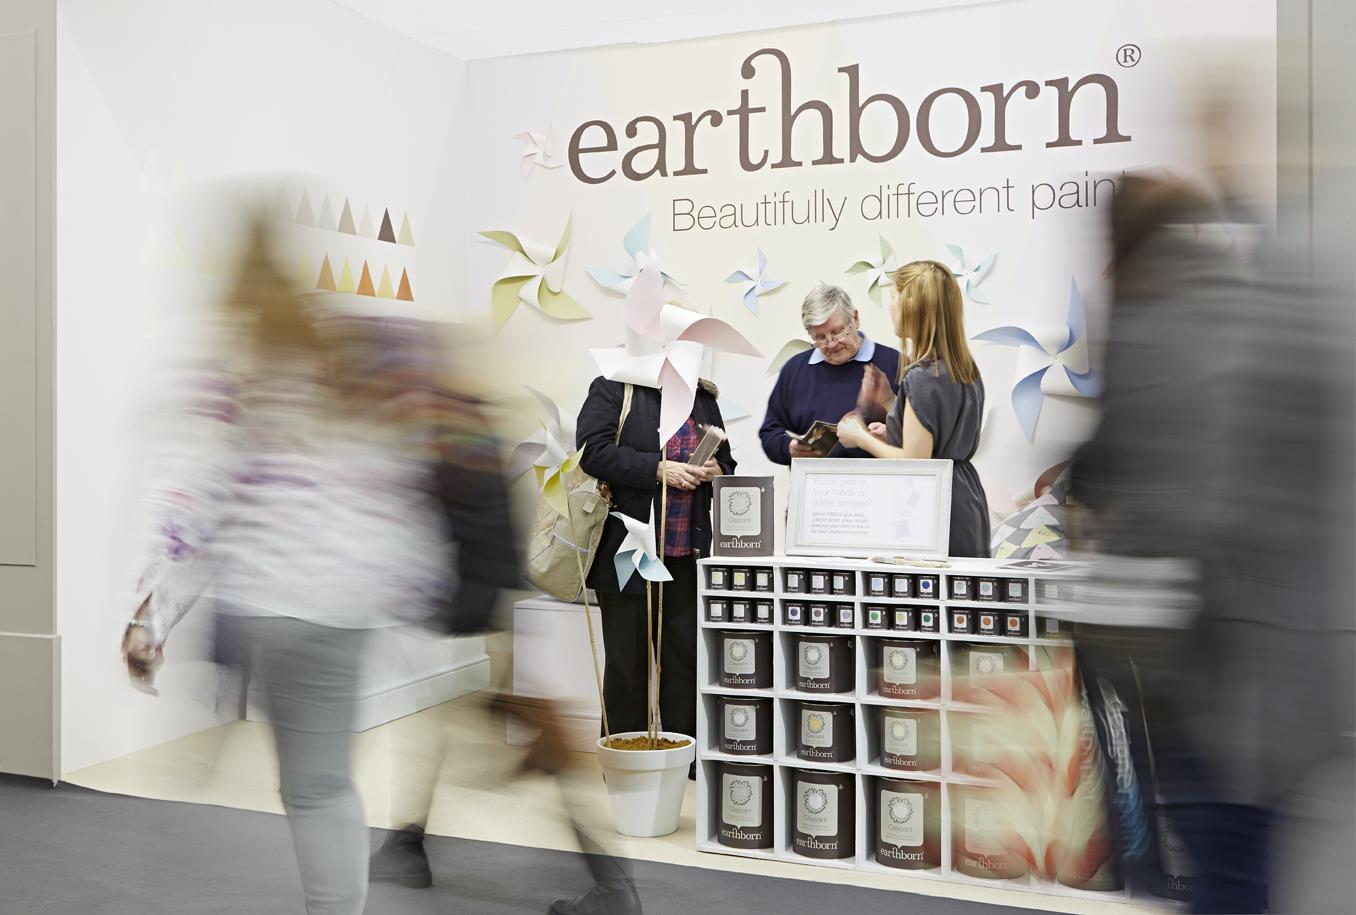 earthborn-ideal-home21204